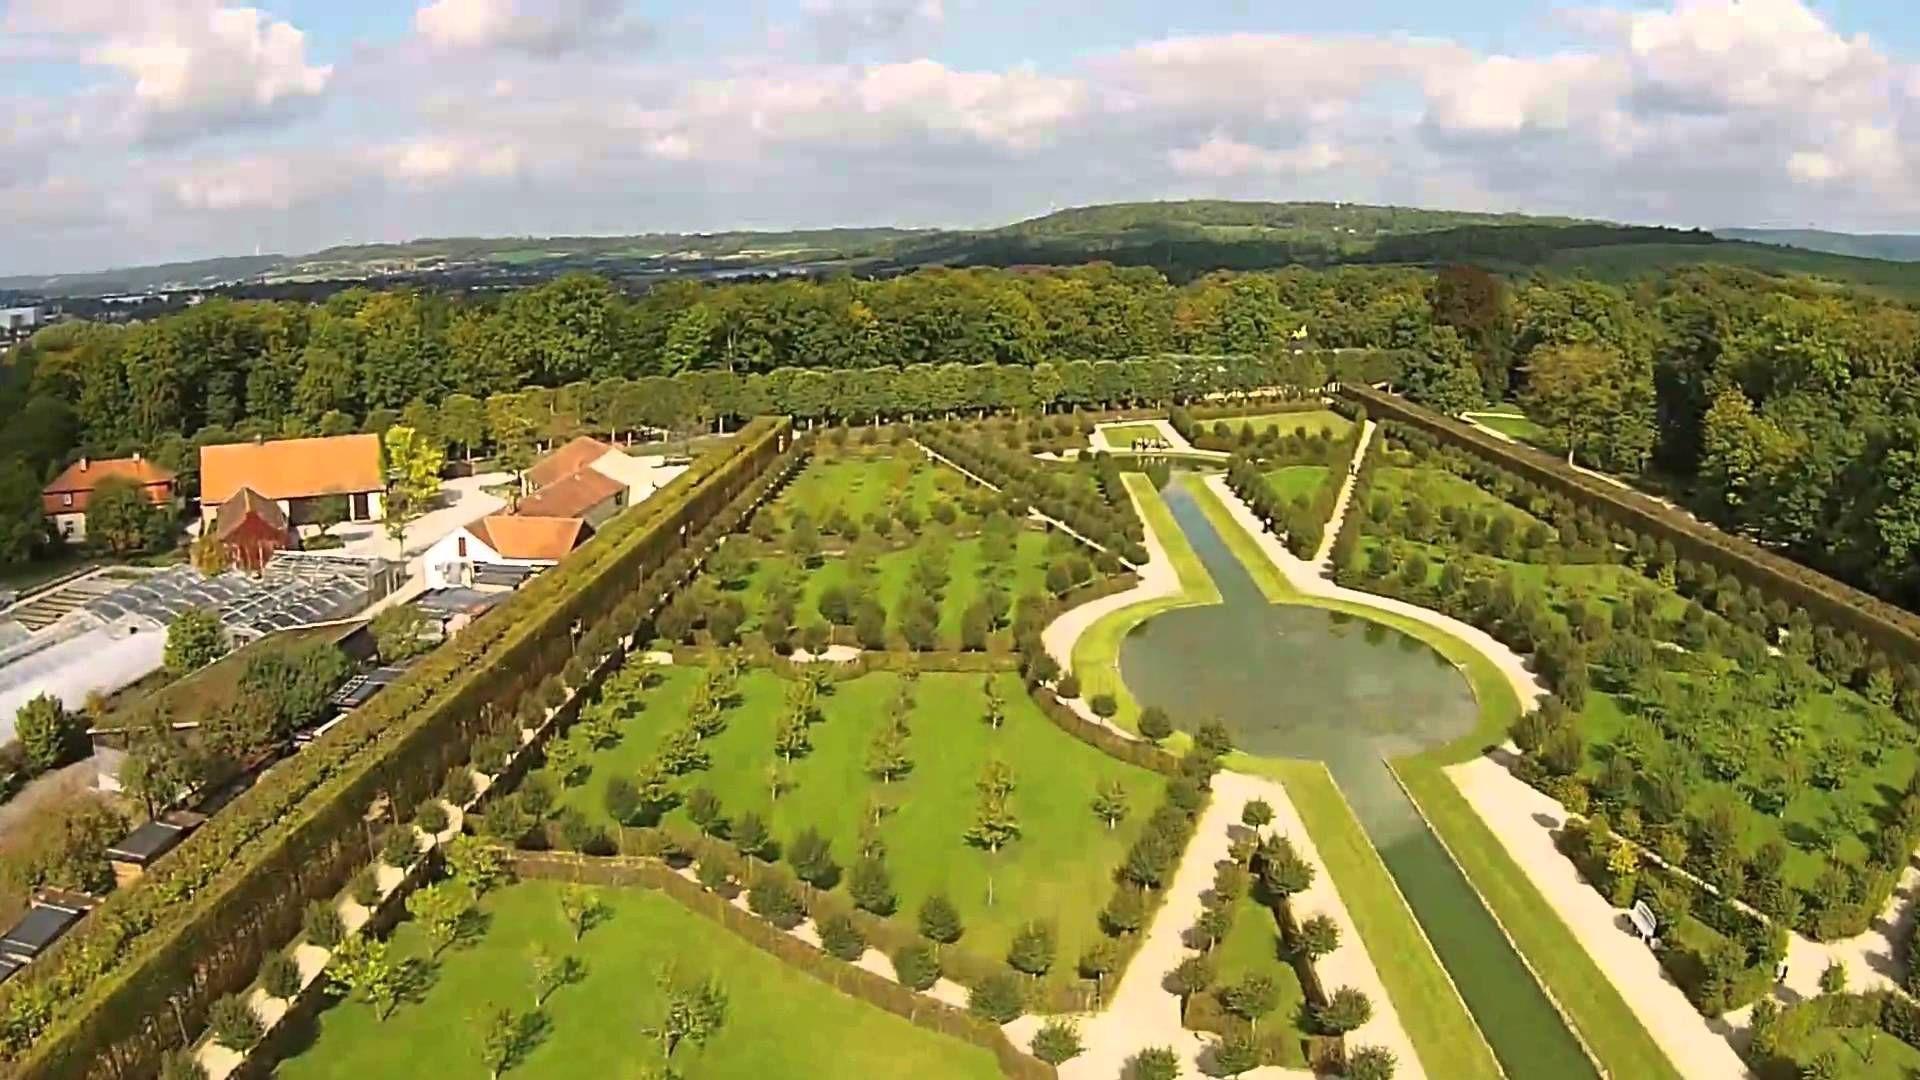 Bilder Von Bayreuth Eremitage Bayreuth Luftaufnahmen Youtube Luftaufnahme Youtube Bilder